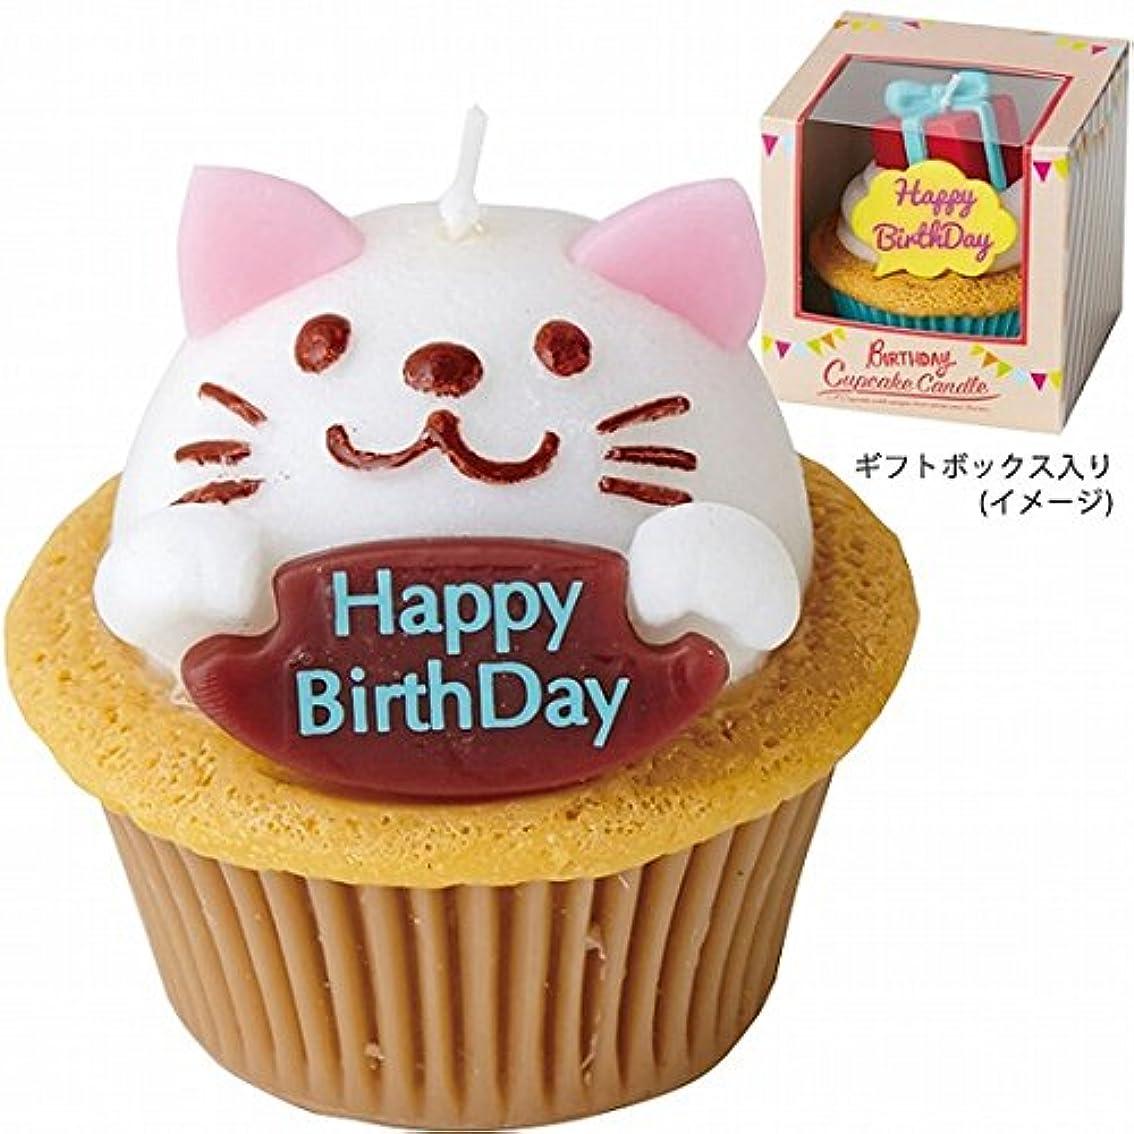 ドルしてはいけないカスケードカメヤマキャンドル( kameyama candle ) バースデーカップケーキキャンドル 「キャット」